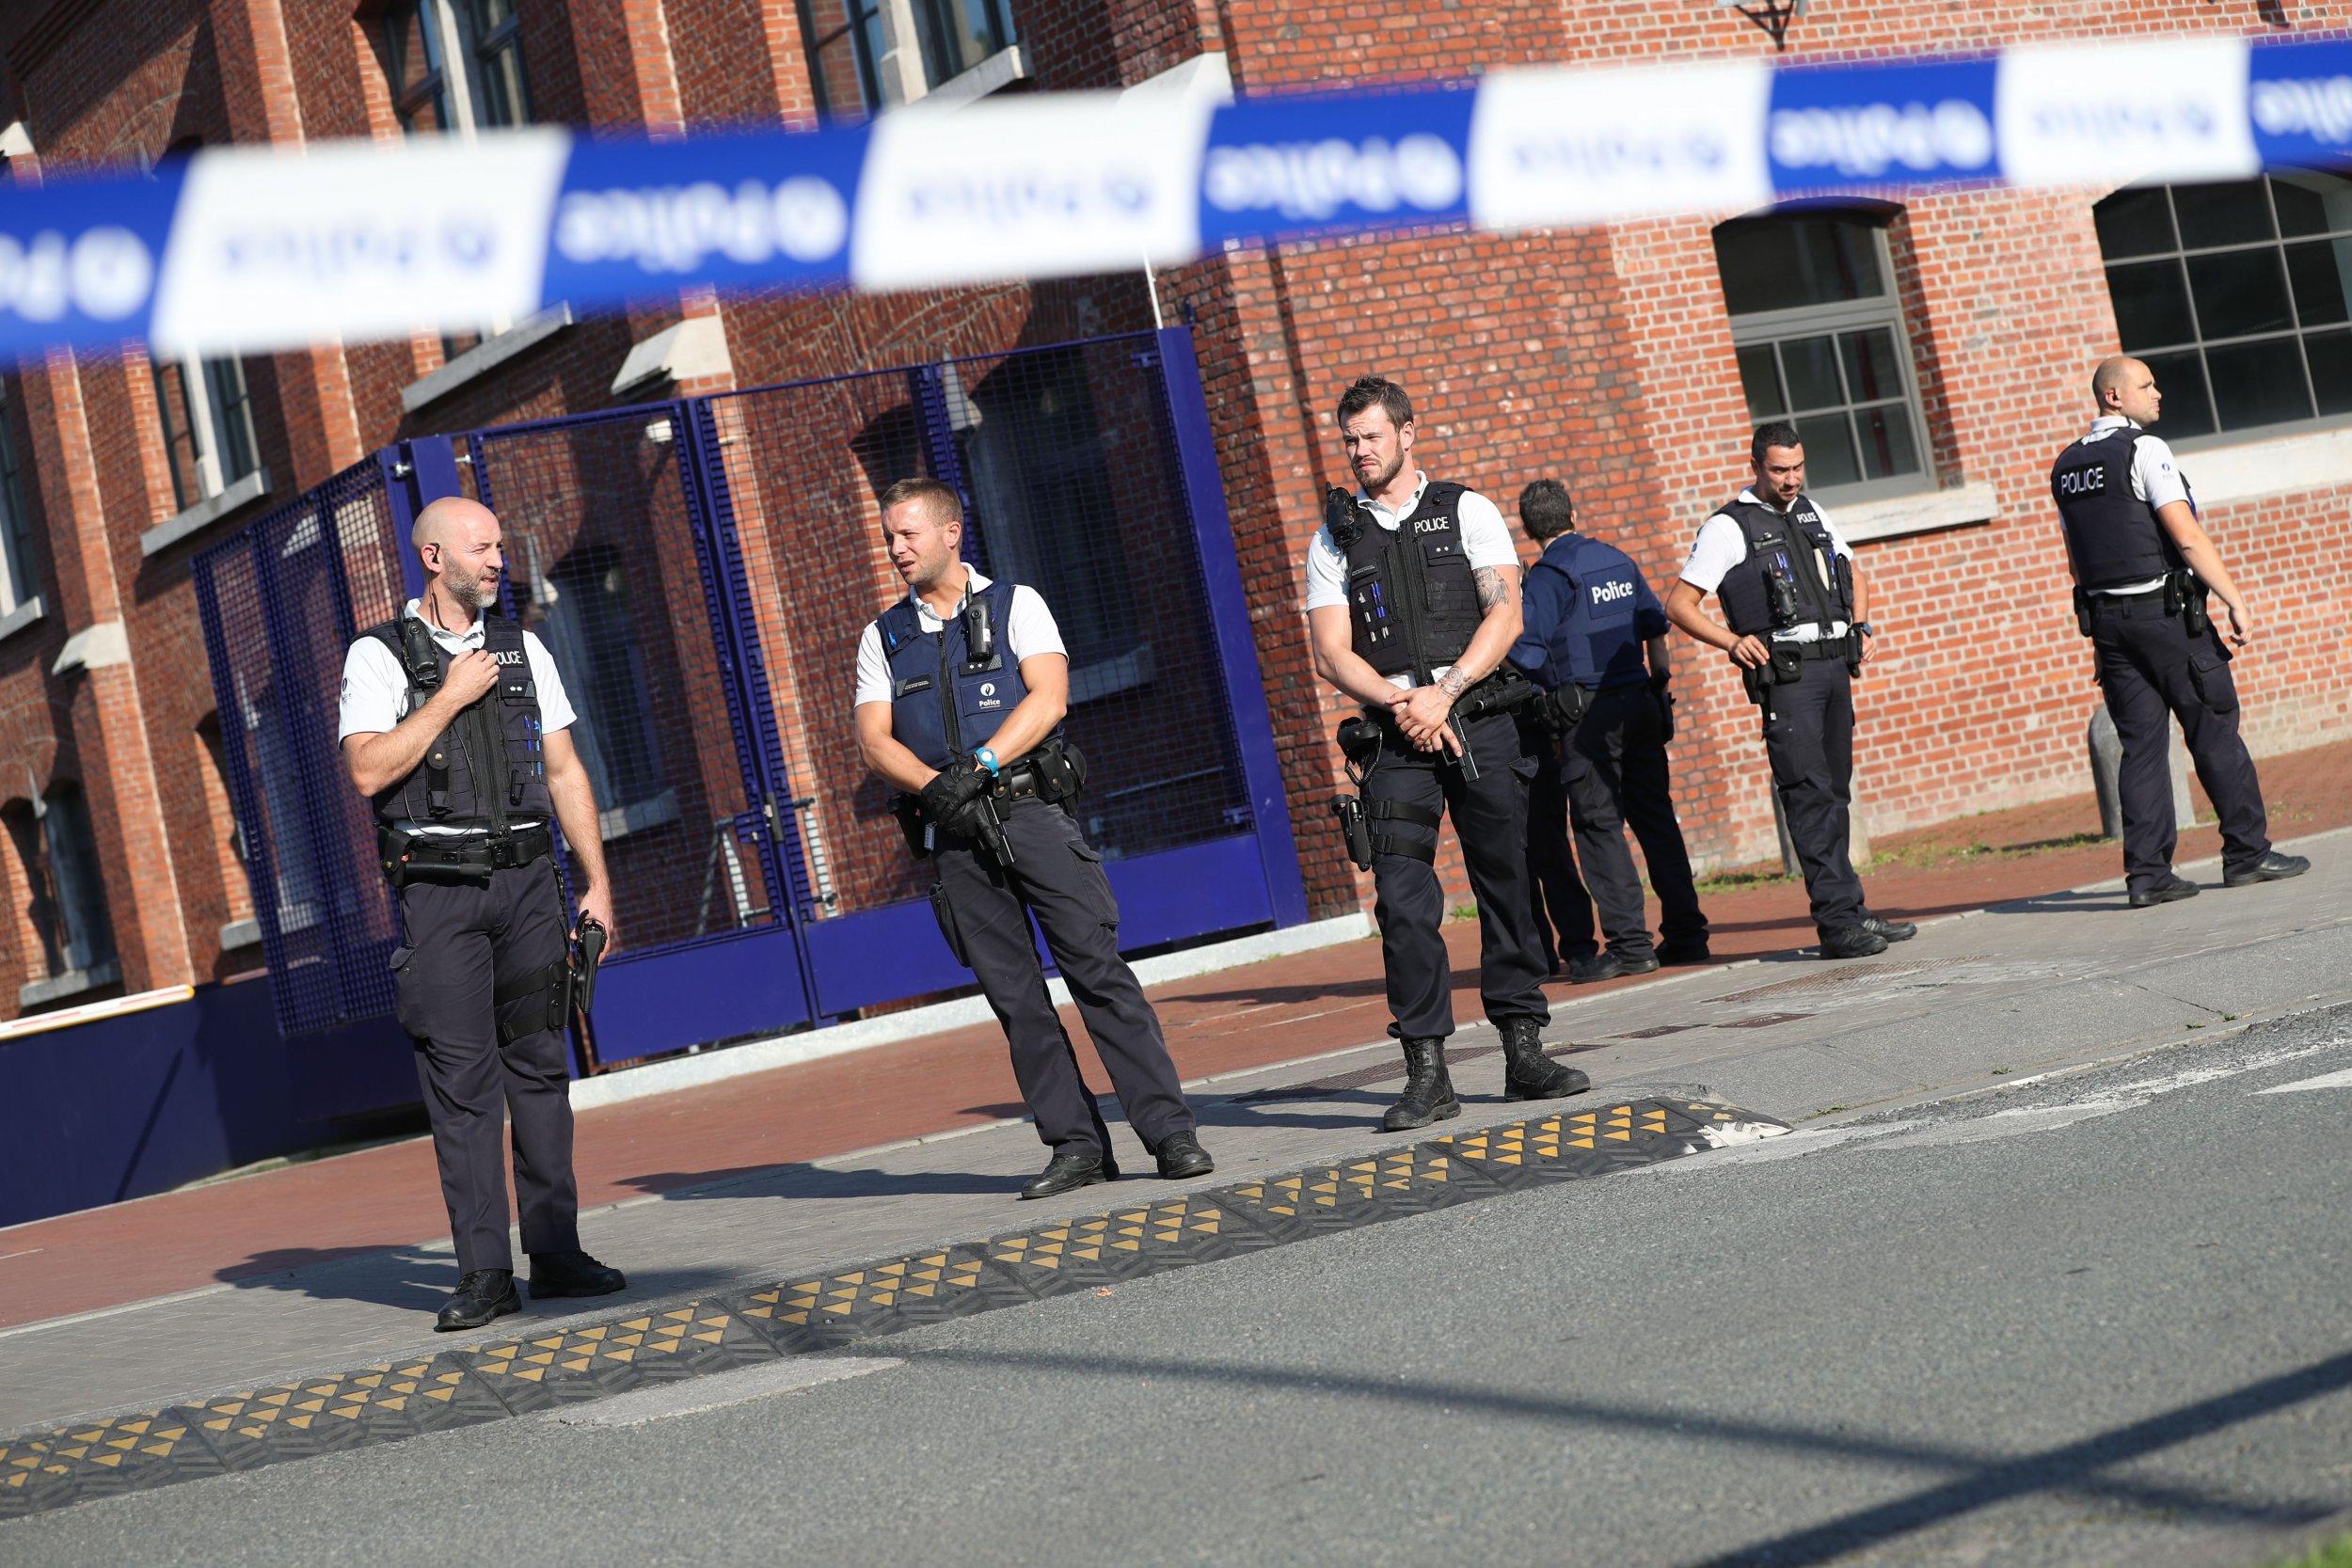 Belgian police in Charleroi